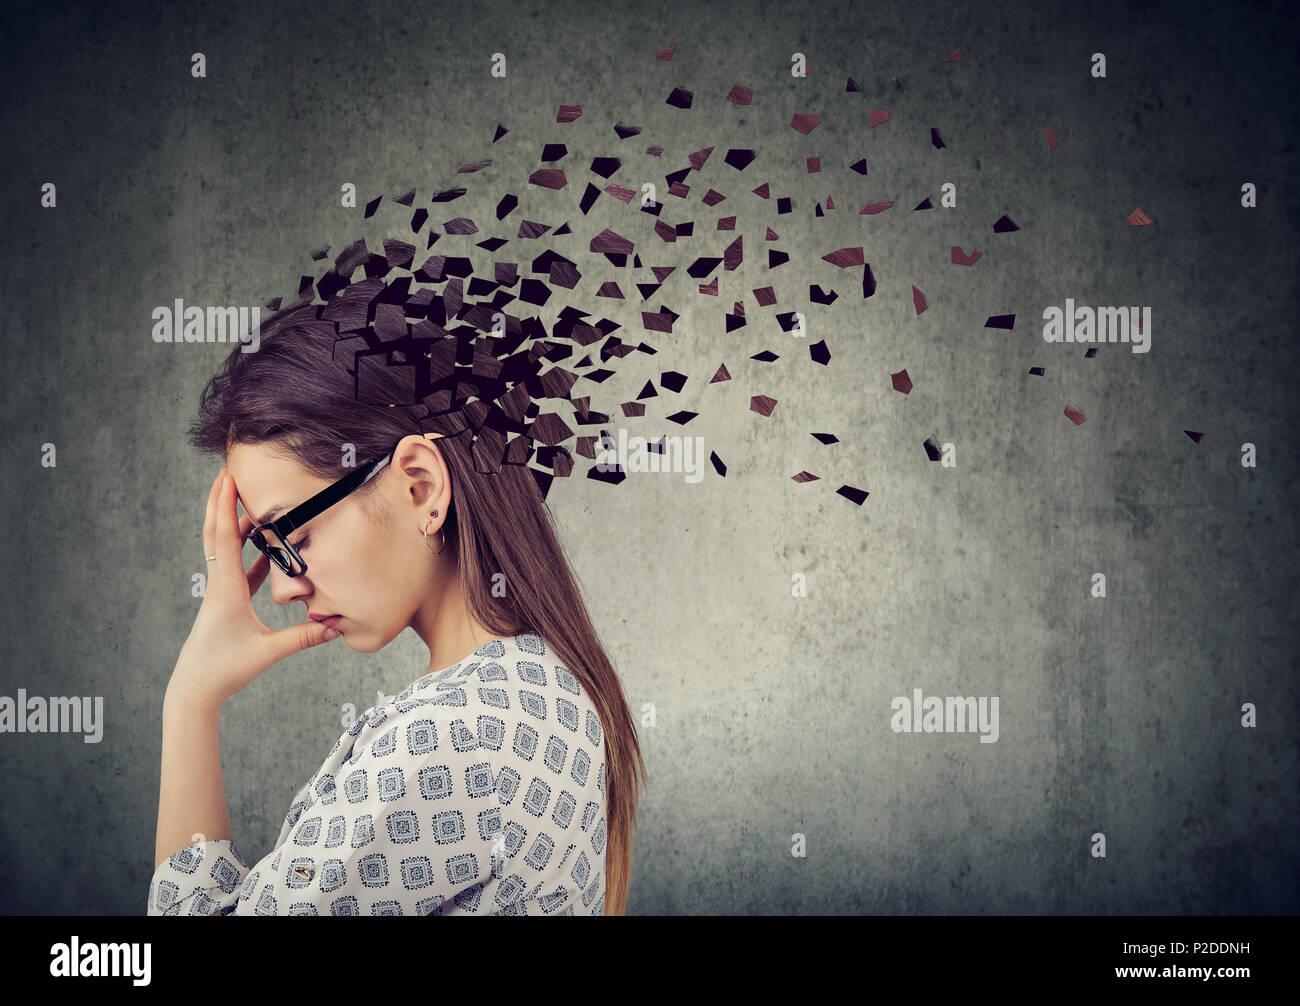 La perdita di memoria a causa di demenza o danni cerebrali. Giovane donna di perdere parti di testa come simbolo della diminuita funzione della mente. Immagini Stock